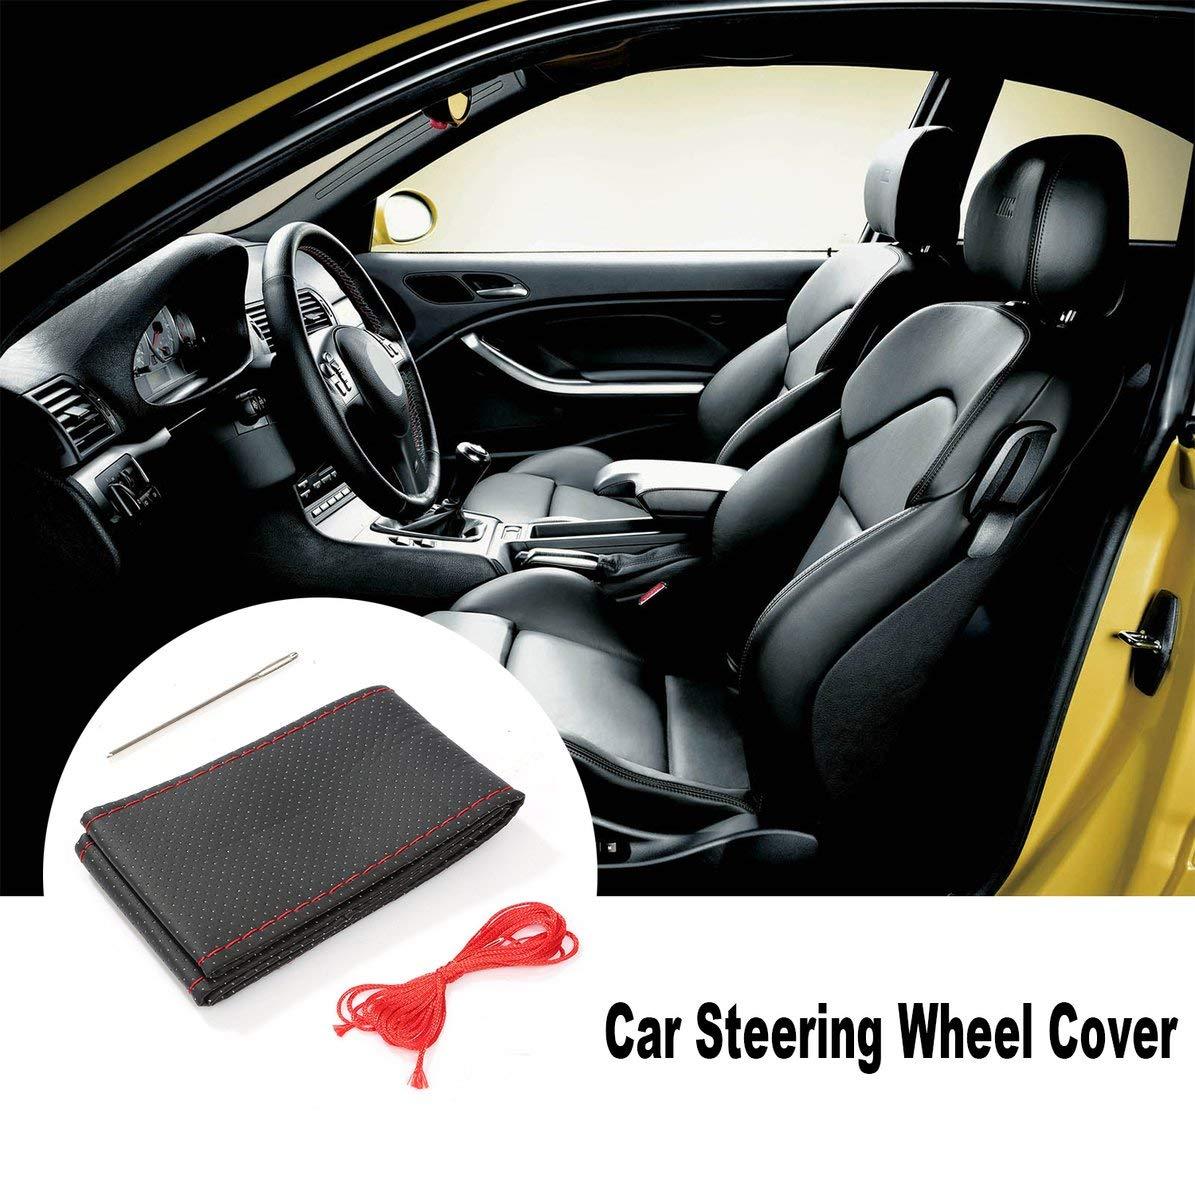 3 colores de textura de bricolaje suave cubierta del volante del coche autom/ático con agujas e hilo de cuero artificial cubre las suites de autom/óviles negro WEIWEITOE